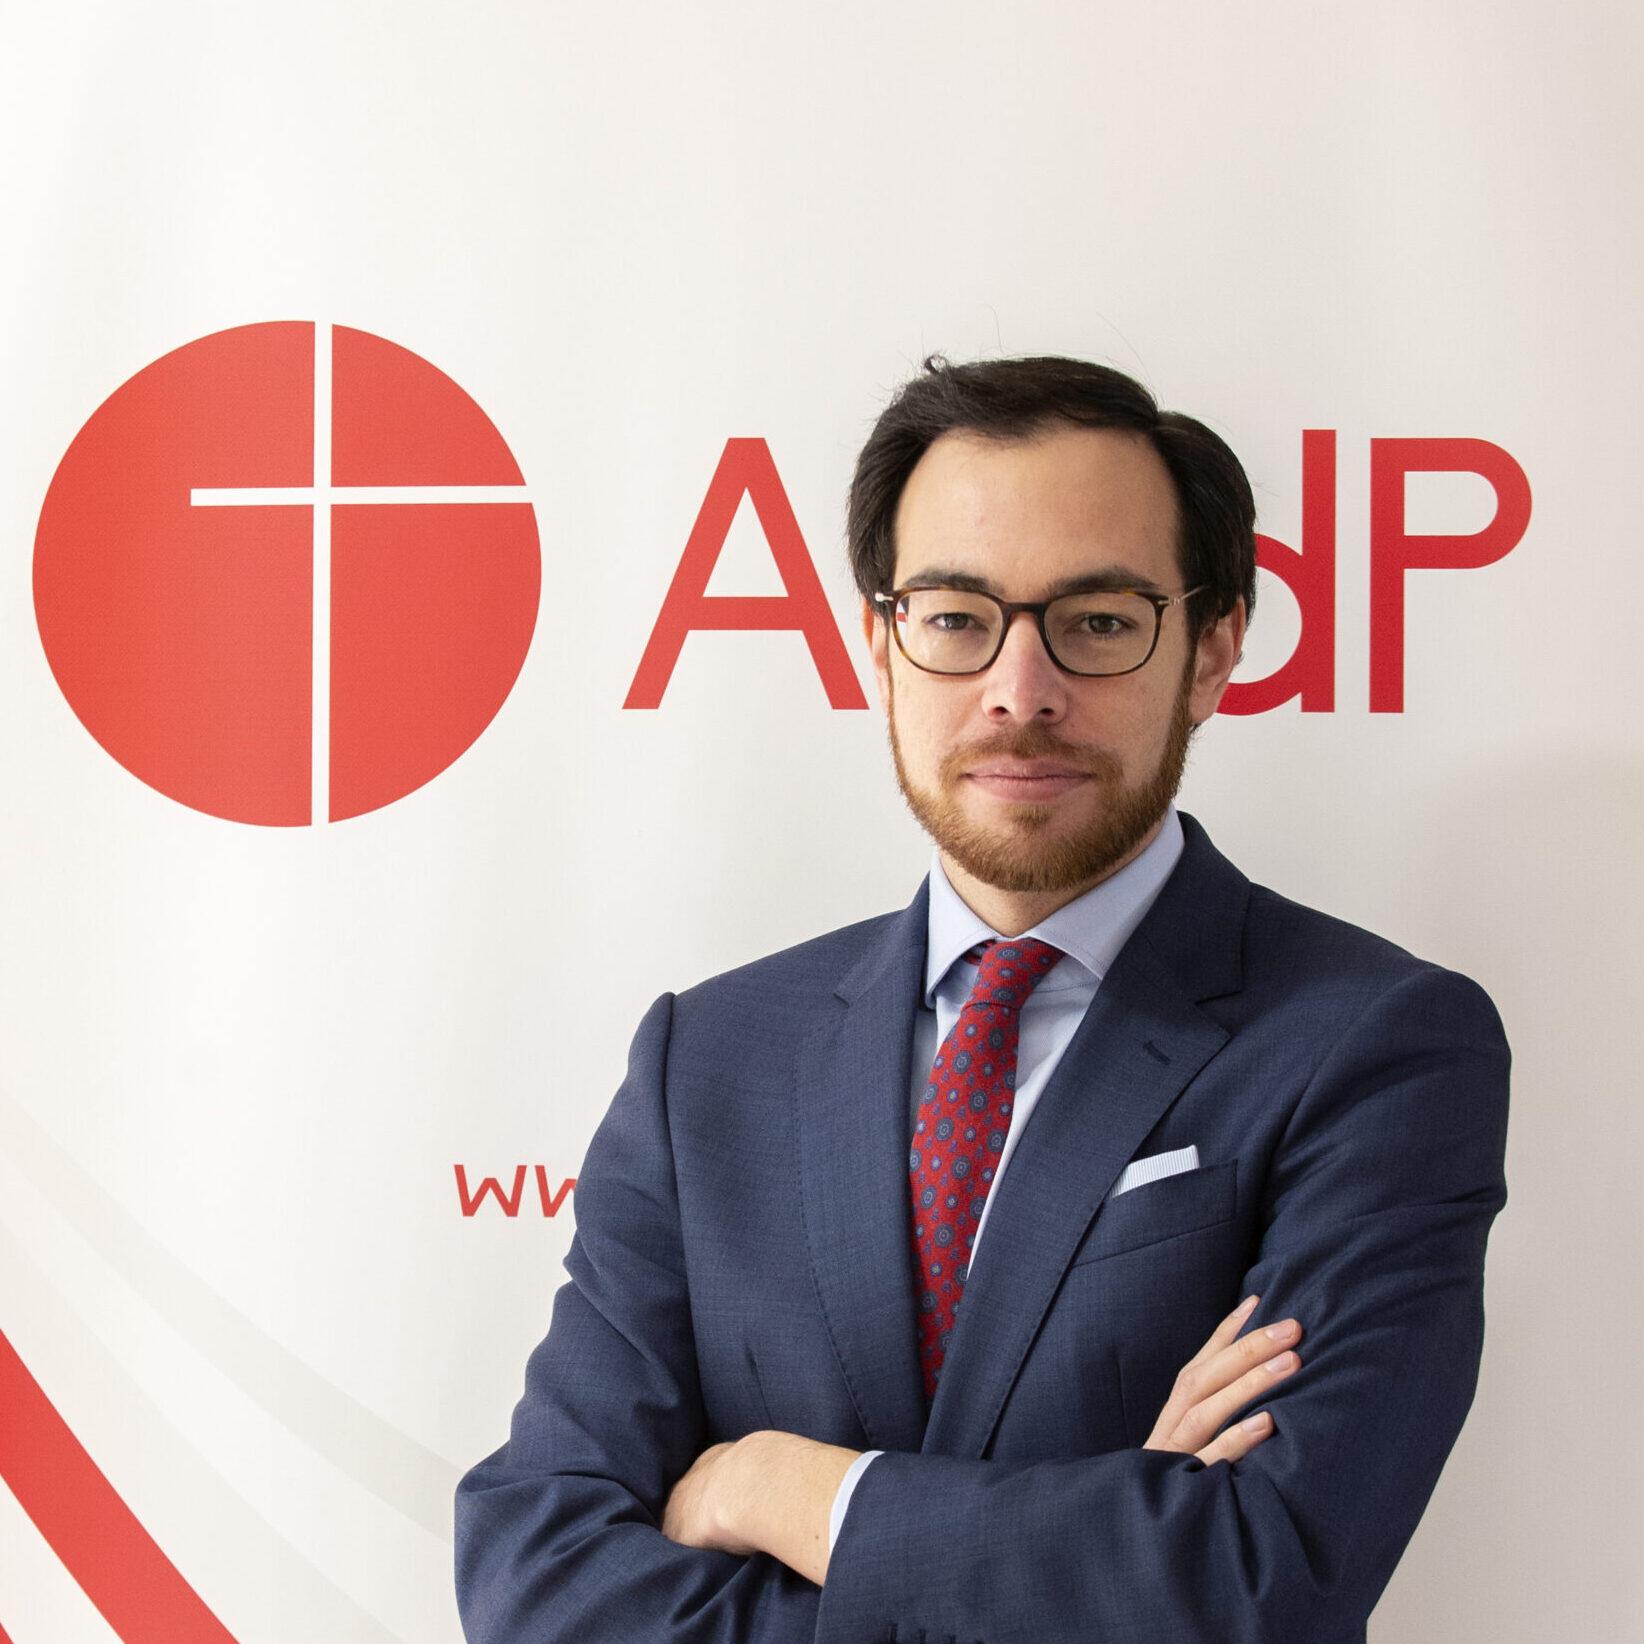 José Antonio Pérez Ramos